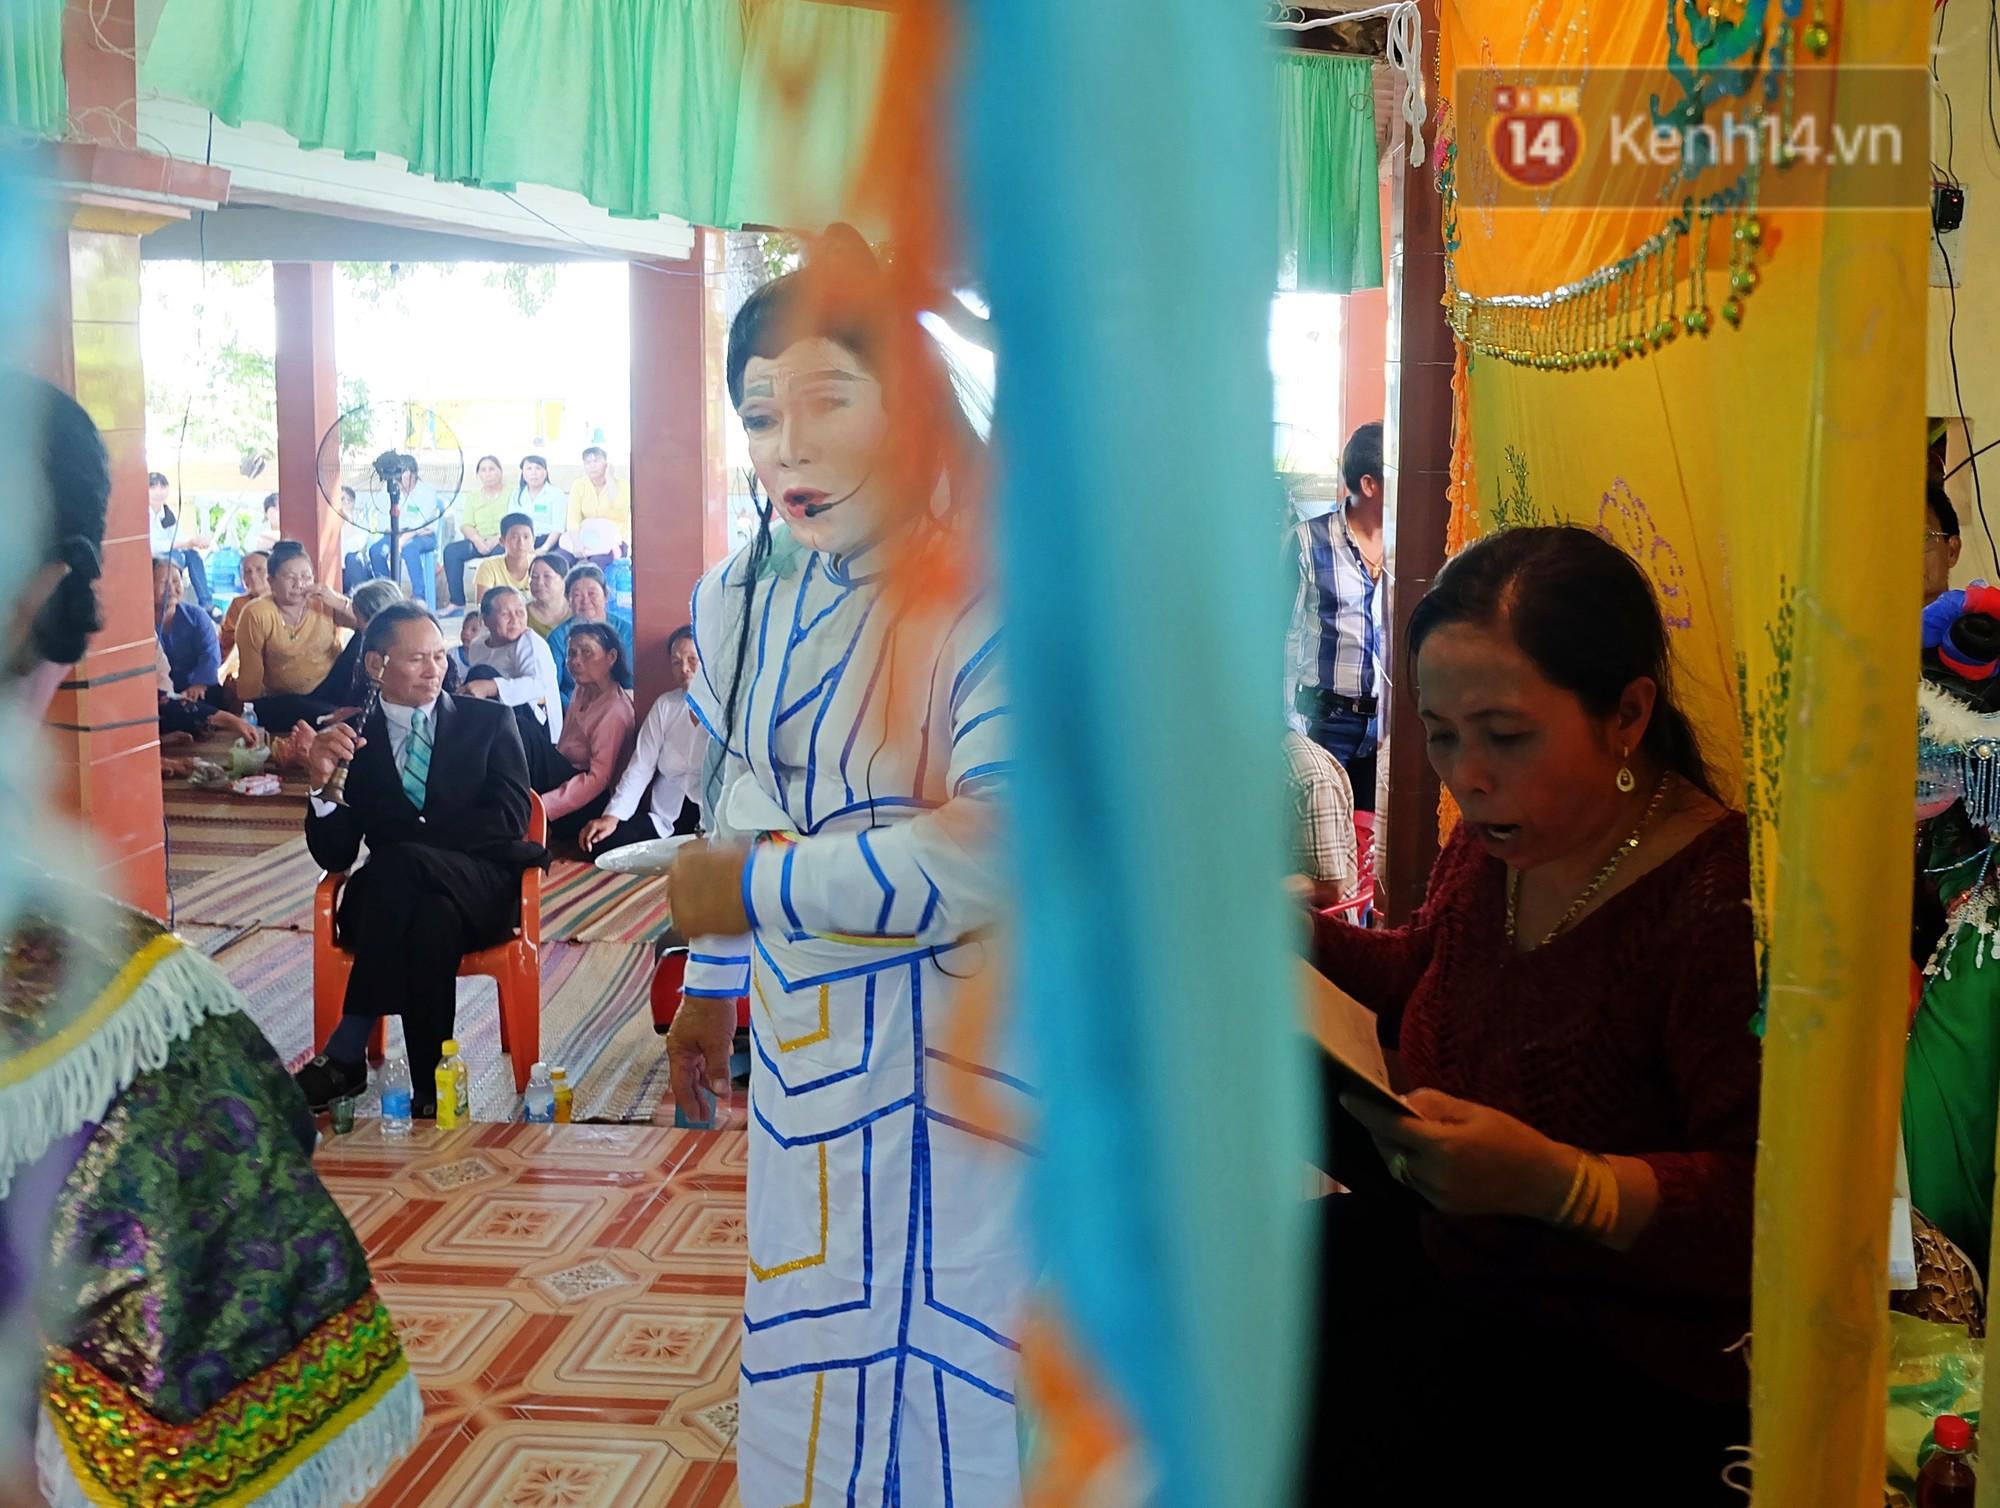 Gánh hát bội trăm tuổi trên đảo Phú Quý: Ngày thường chúng tôi là ngư dân đánh cá, bước lên sân khấu là nghệ sỹ - Ảnh 11.